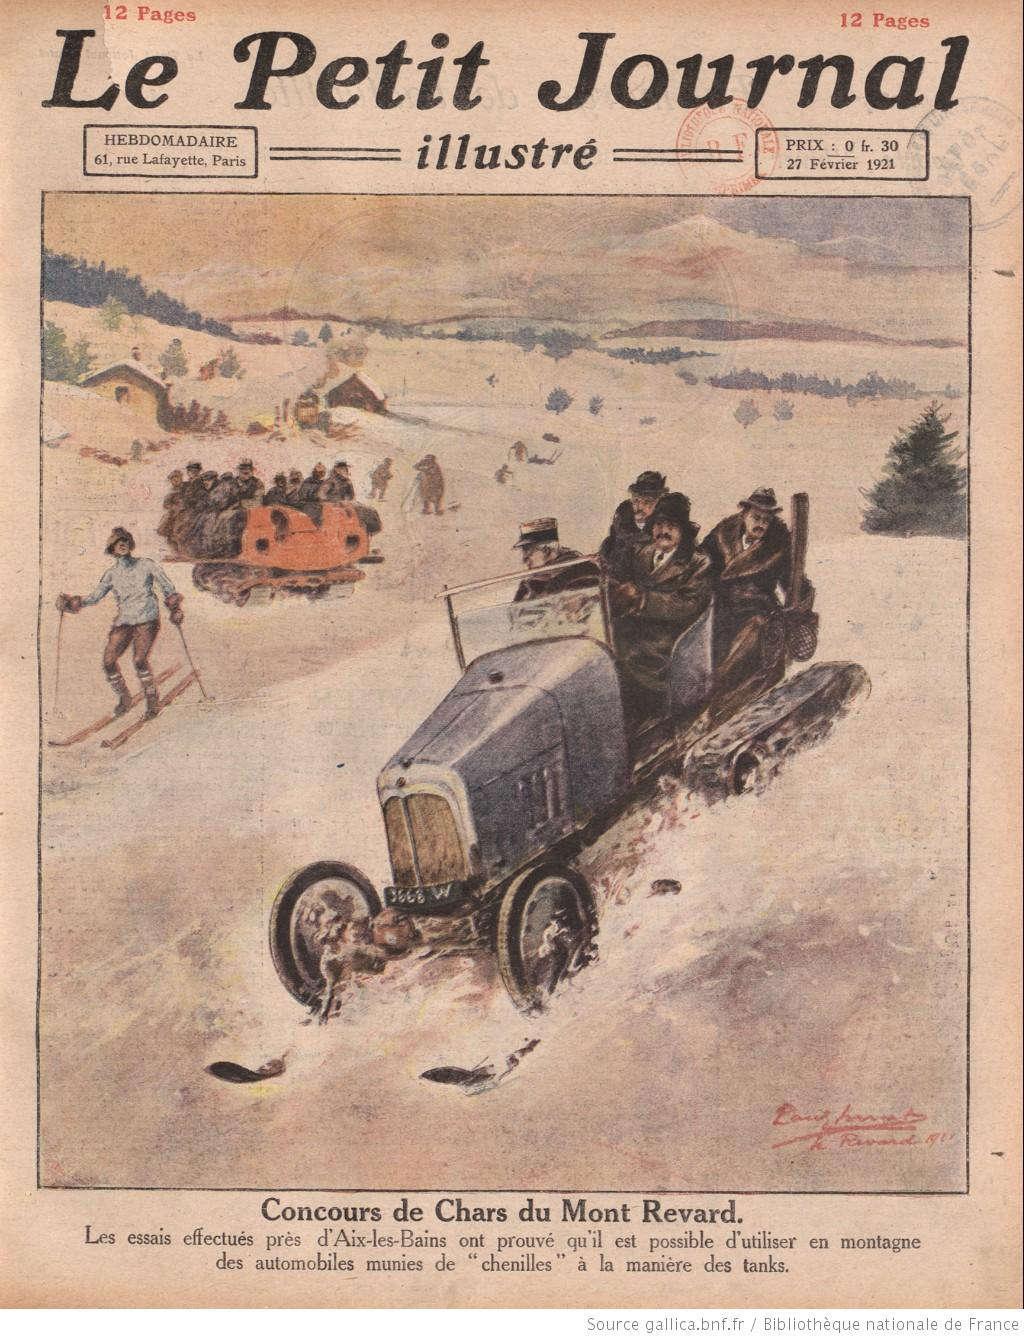 """Người xưa tin rằng, con người tương lai sẽ thoải mái ngồi trên """"xế hộp"""" được trang bị lốp đặc biệt để dạo chơi thưởng ngoạn cảnh núi tuyết."""